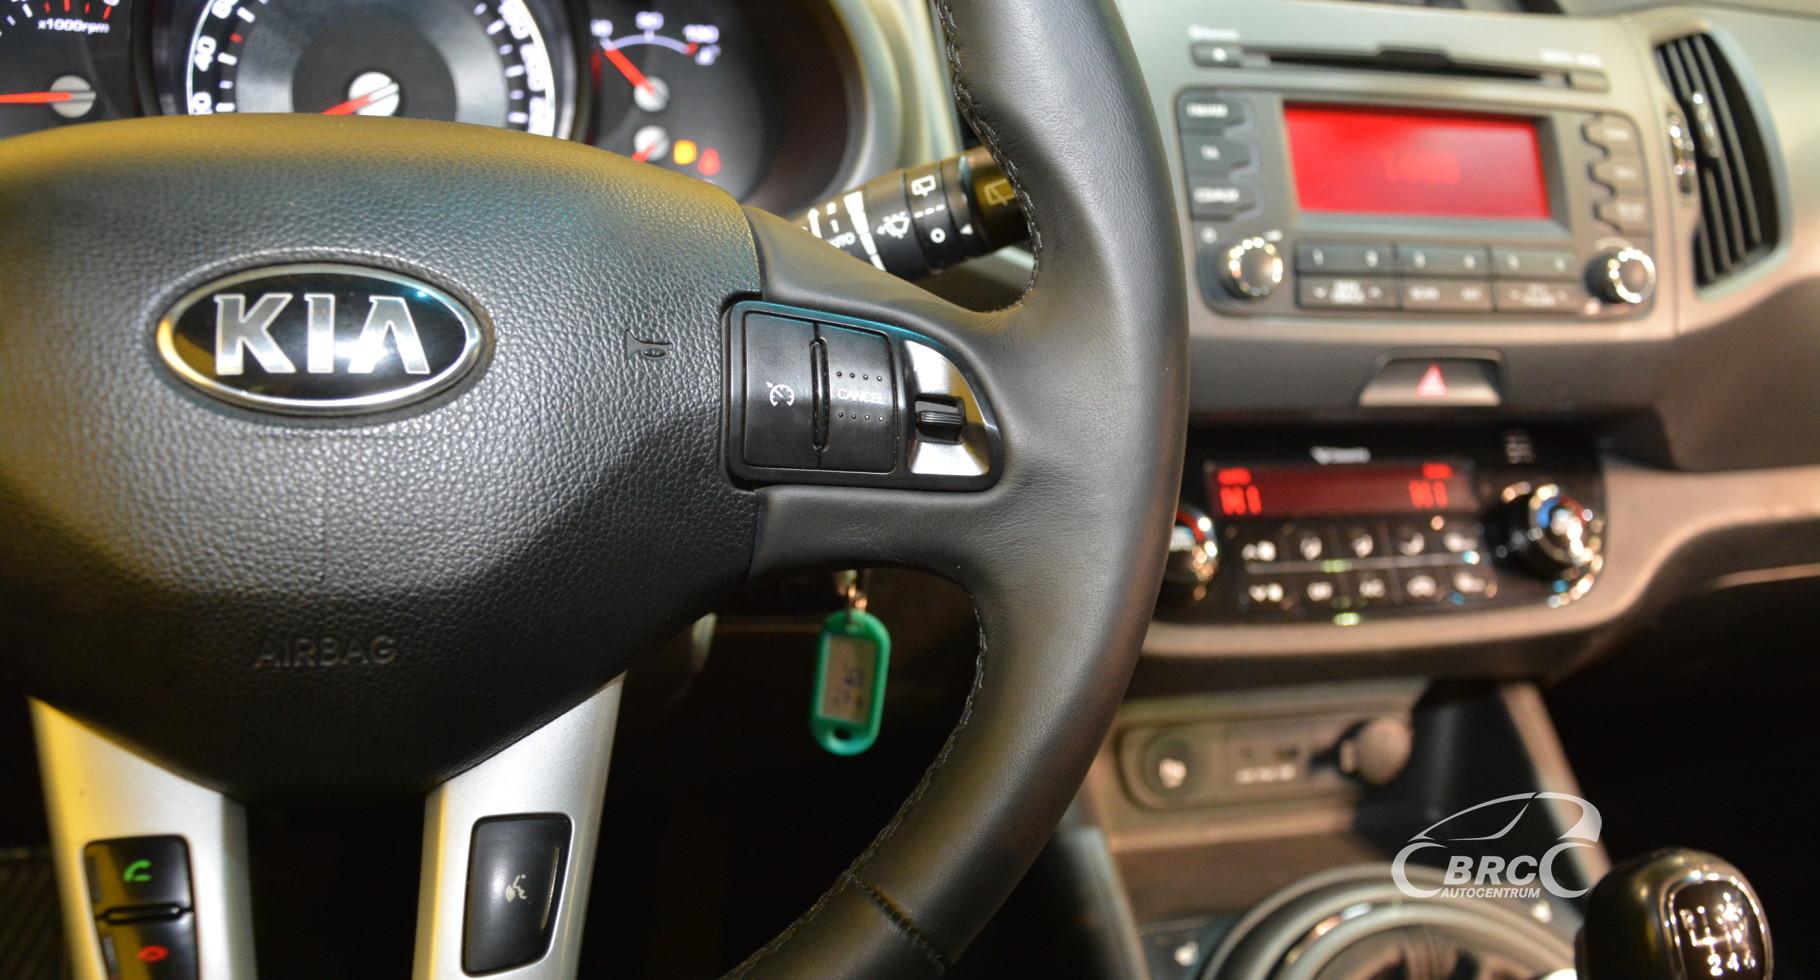 Kia Sportage 2.0 AWD